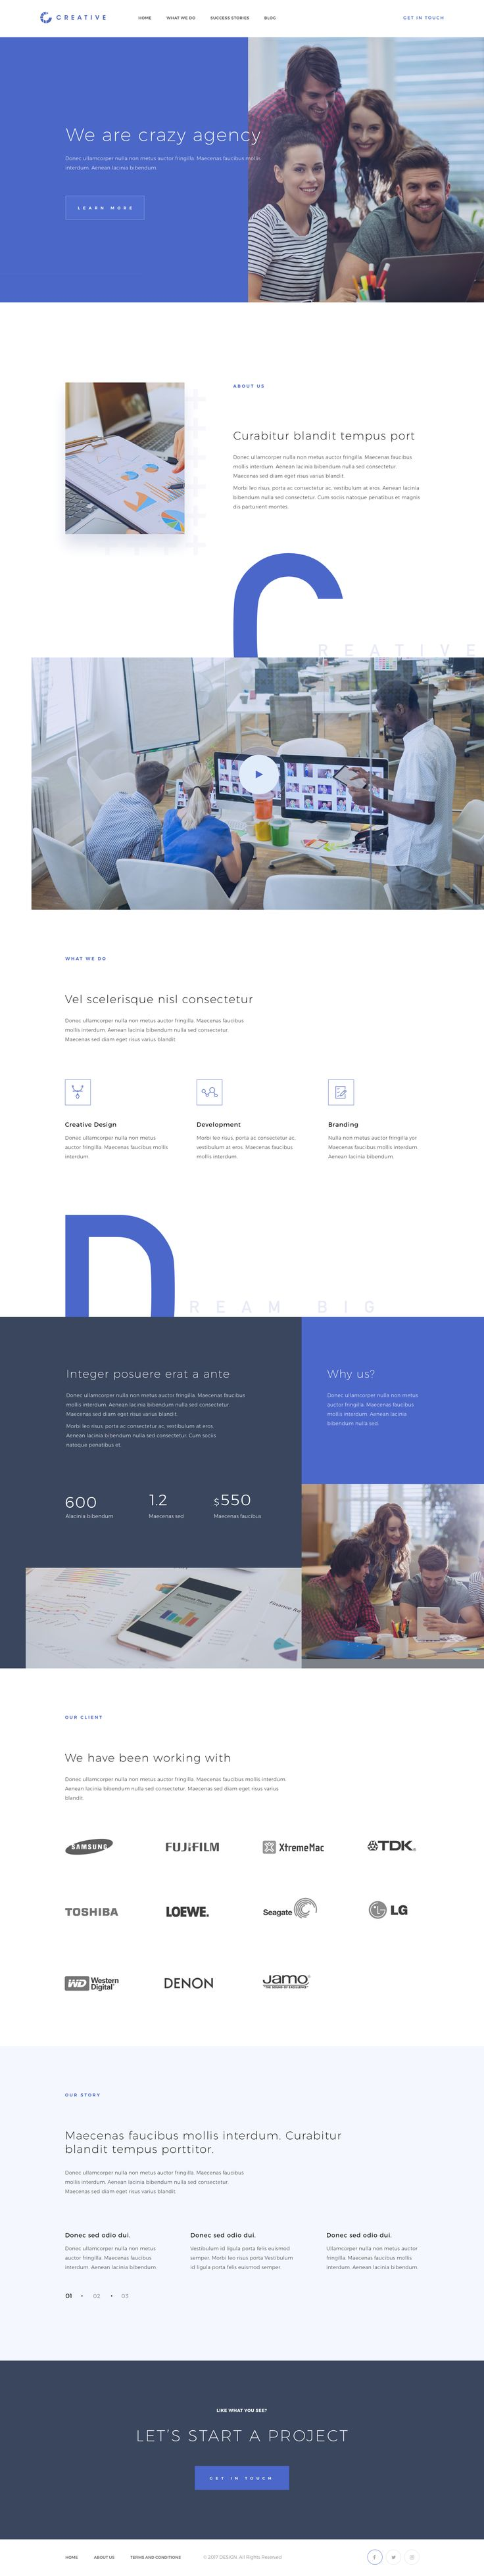 Creatice design